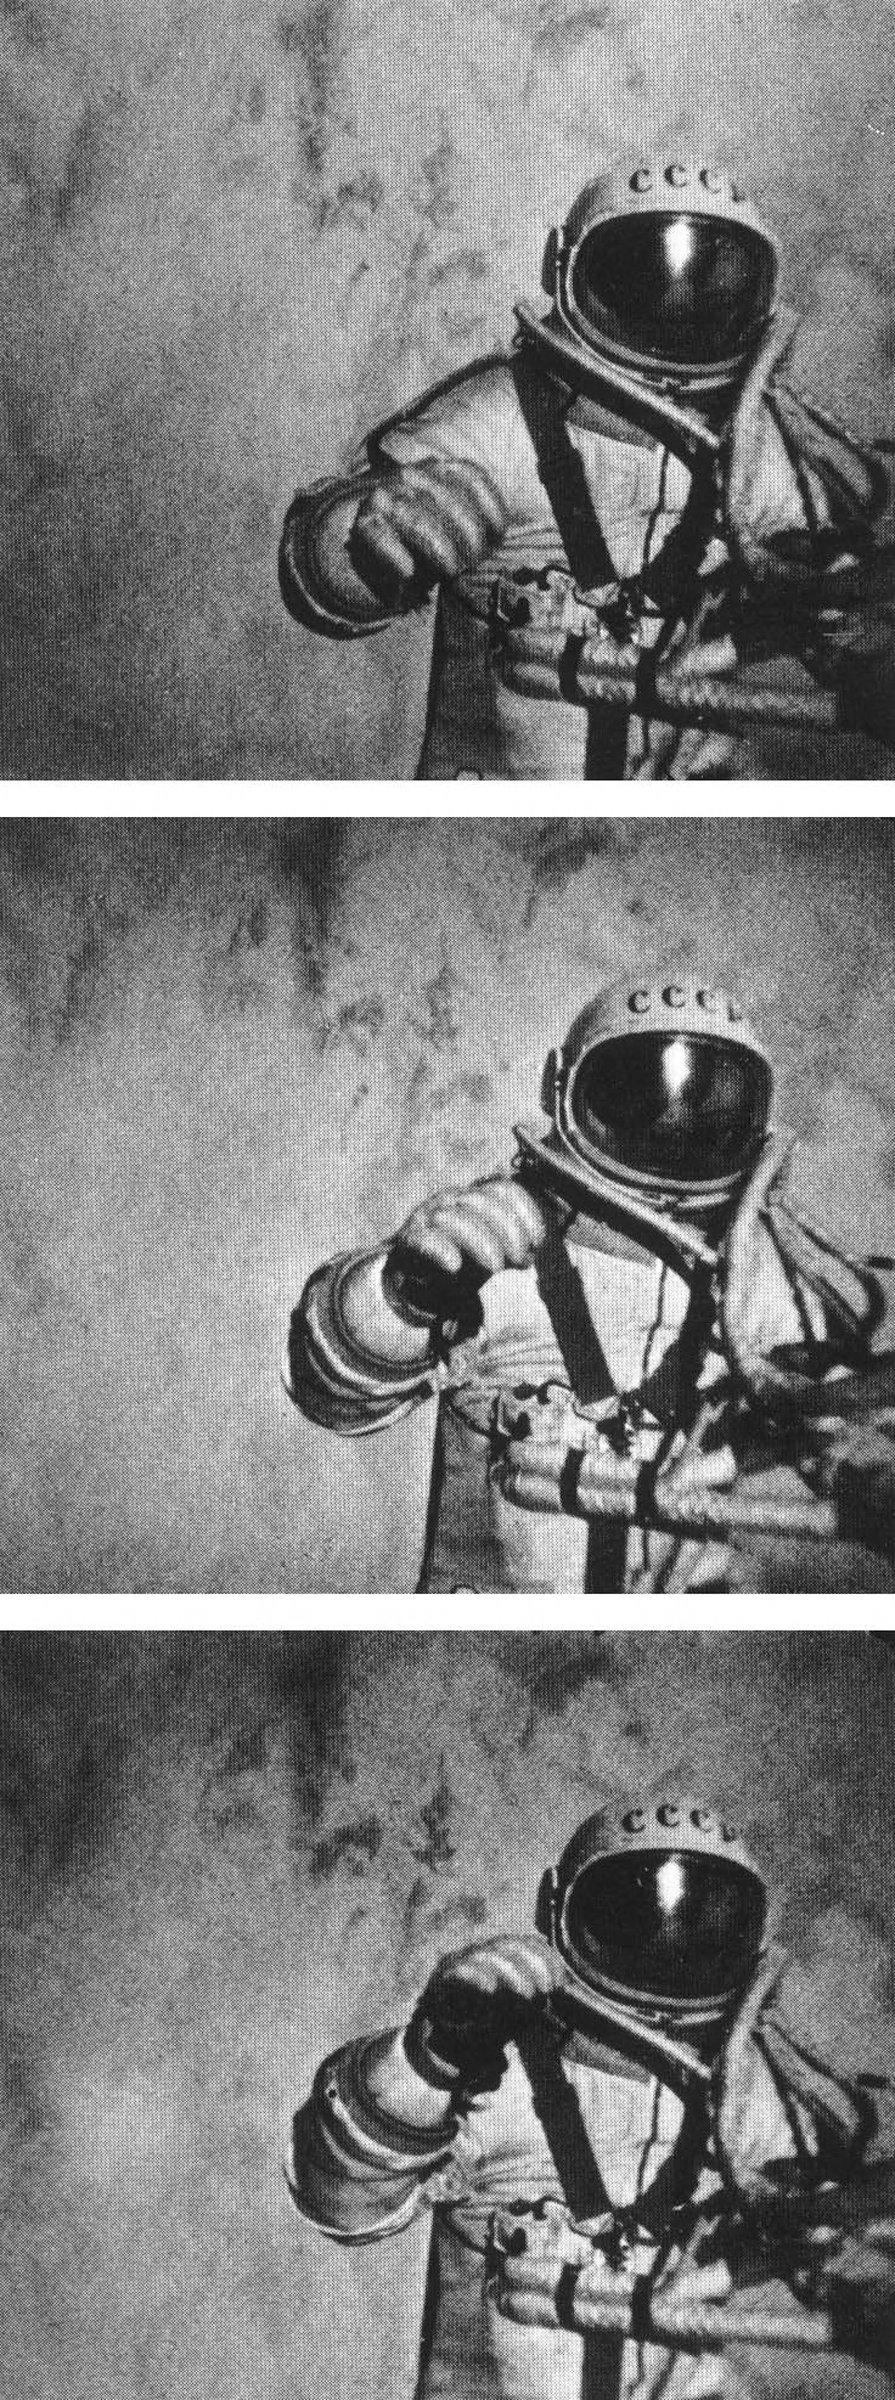 The First Spacewalk